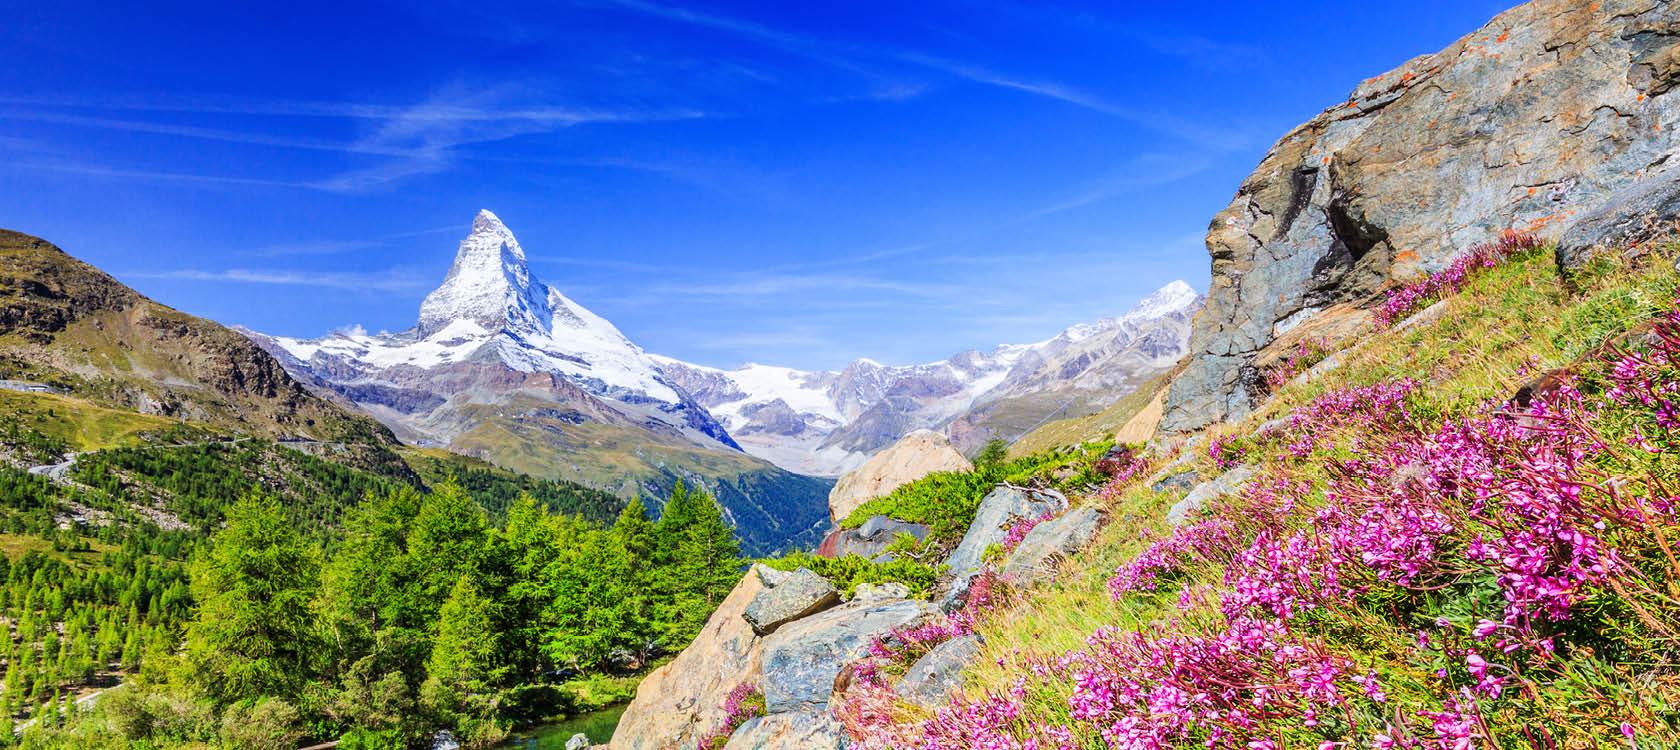 Fantastisk natur og udsigter i Zermatt, Schweiz